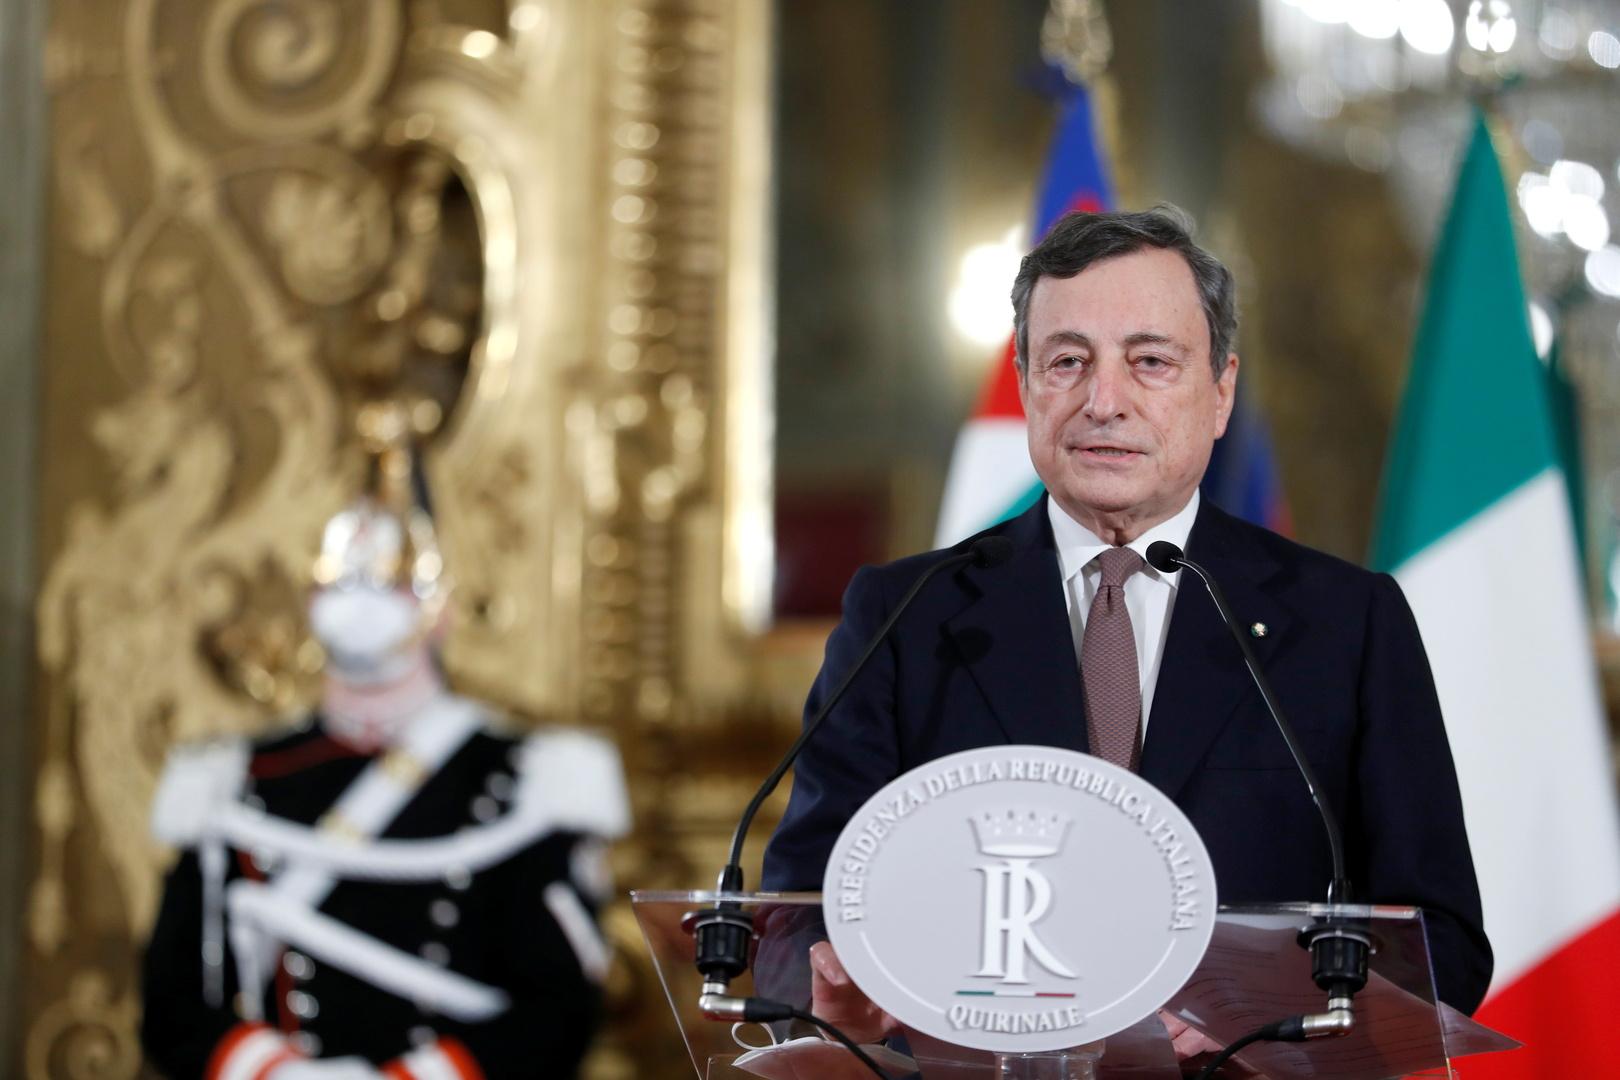 إيطاليا تؤجل عددا من الانتخابات حتى الخريف جراء تفشي فيروس كورونا